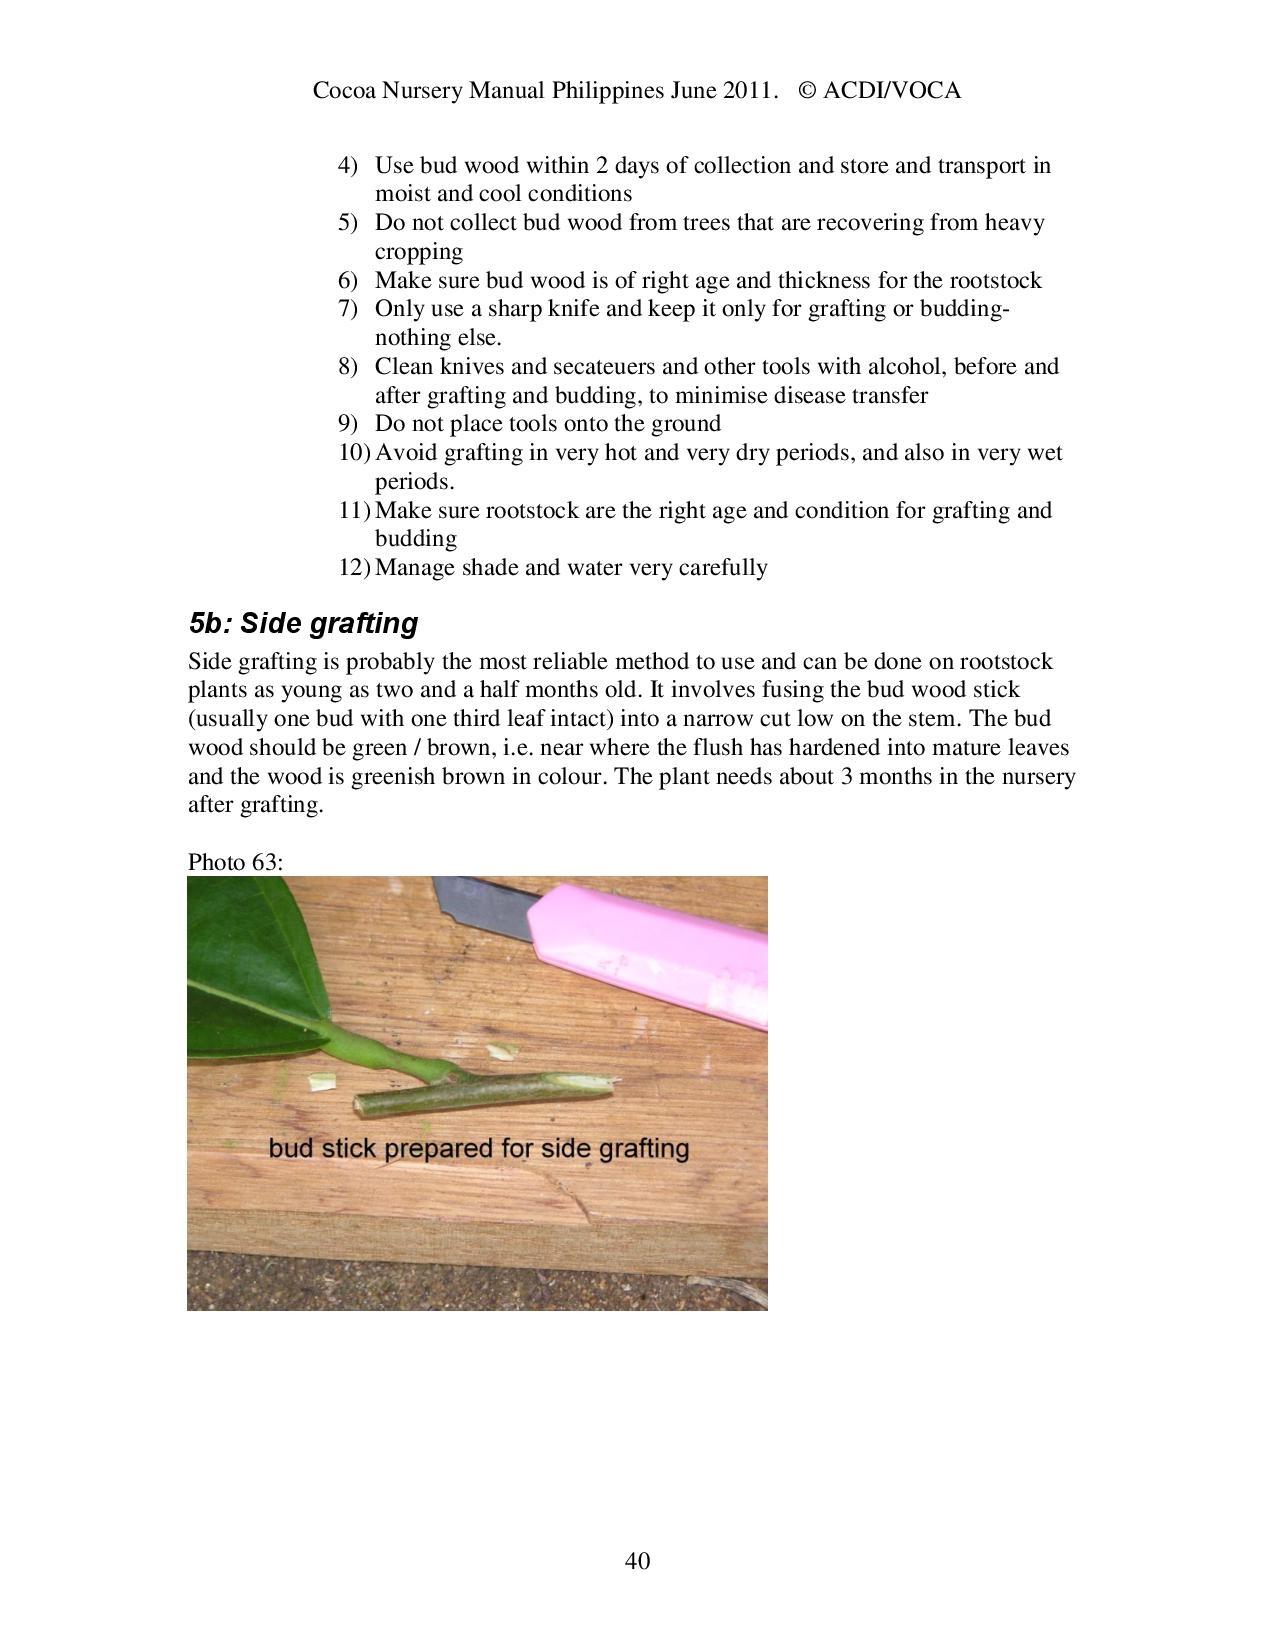 Cocoa-Nursery-Manual-2011_acdi-voca-page-040